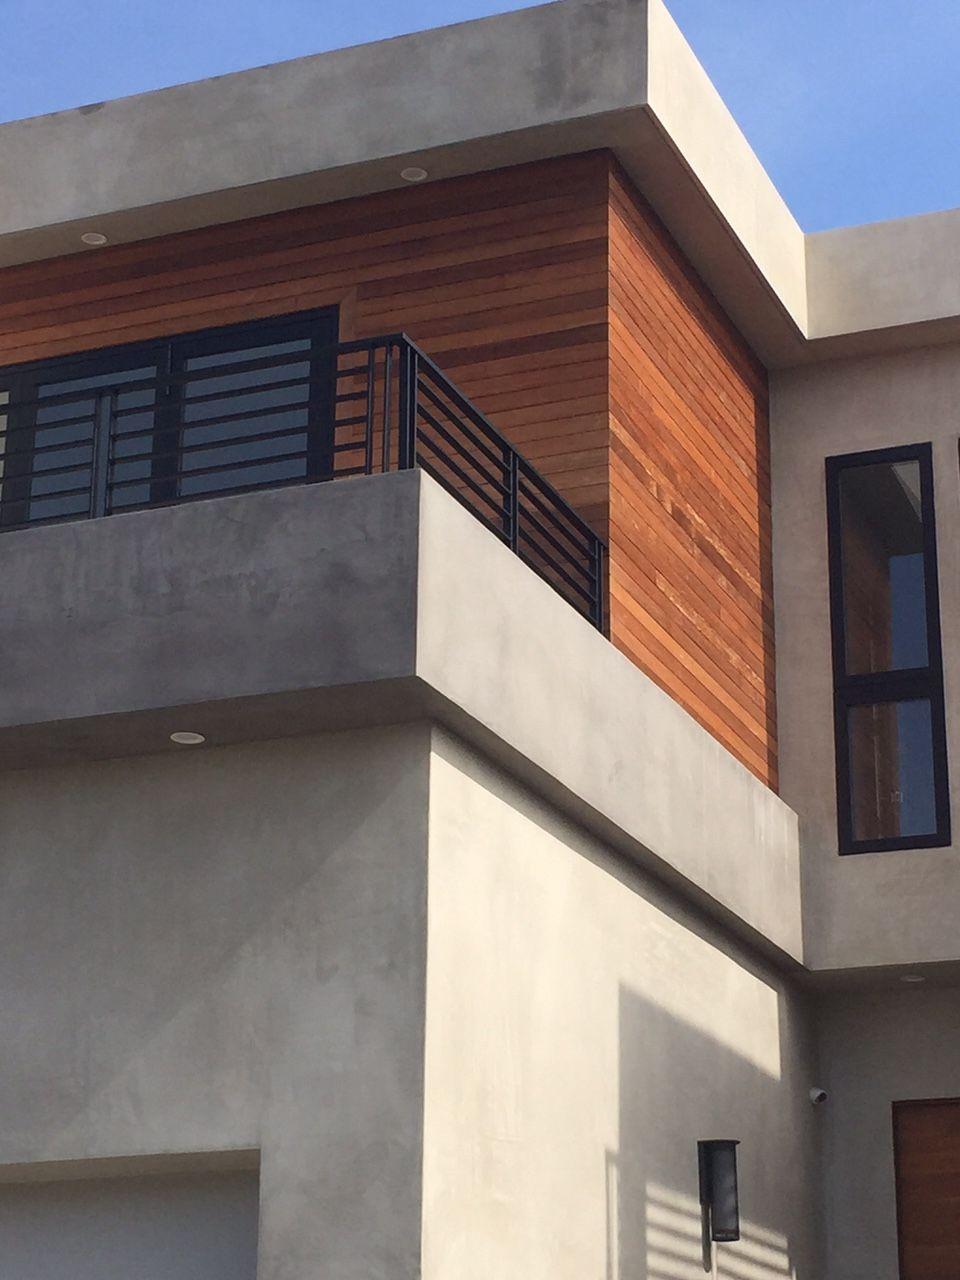 Smooth Stucco Light Grey Wood Trim Stone Exterior Houses